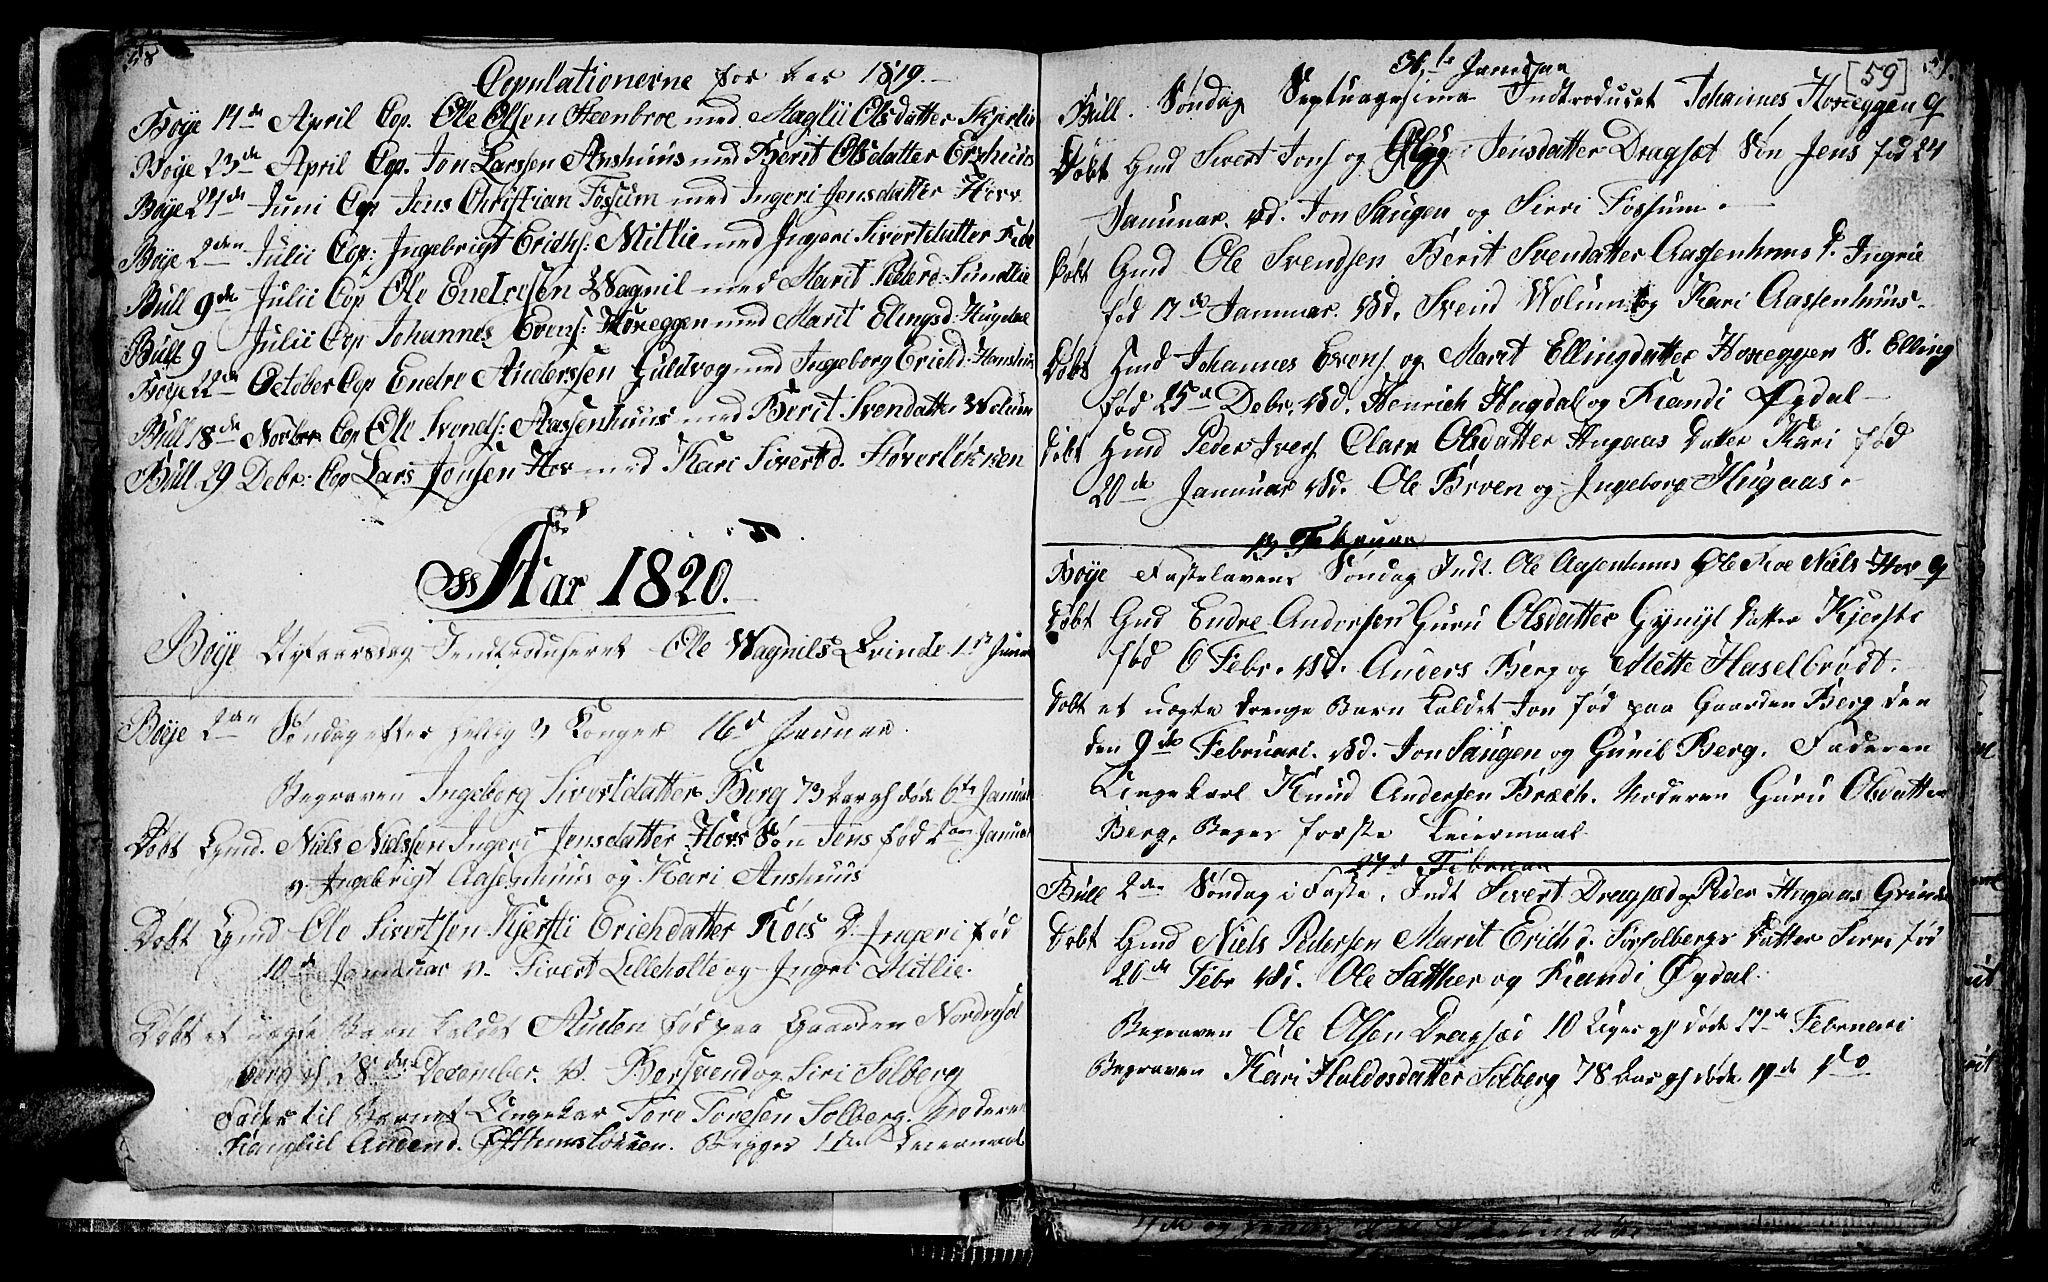 SAT, Ministerialprotokoller, klokkerbøker og fødselsregistre - Sør-Trøndelag, 689/L1042: Klokkerbok nr. 689C01, 1812-1841, s. 58-59